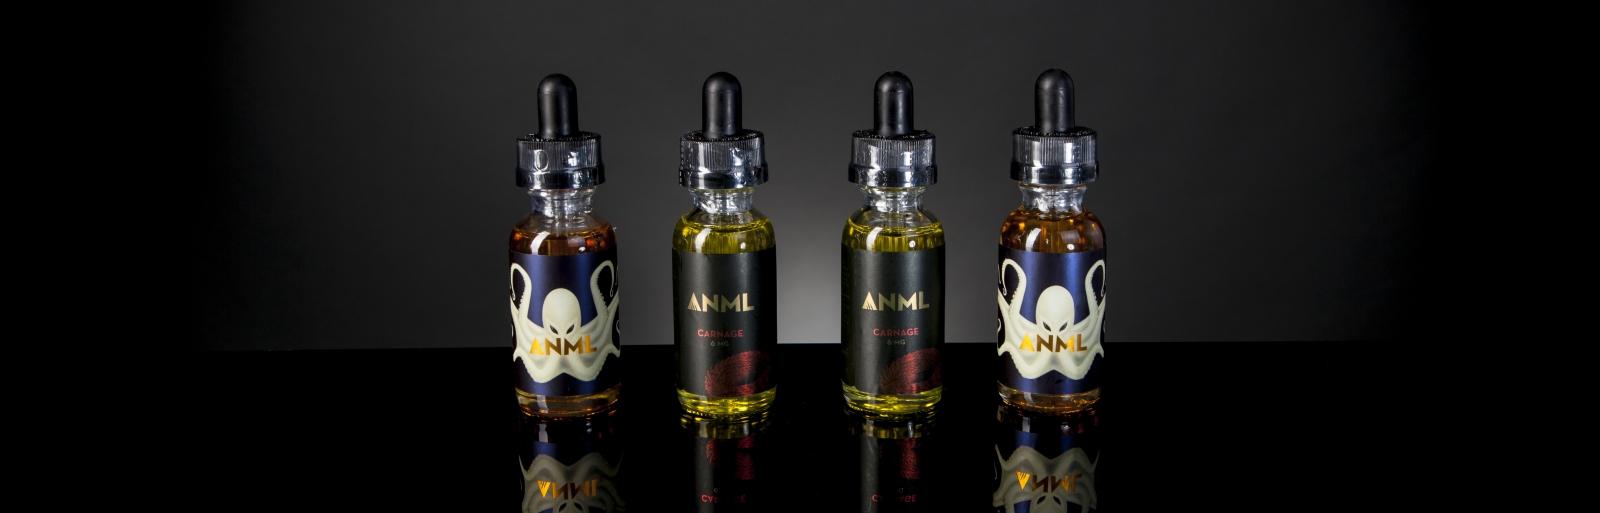 Ý nghĩa tỷ lệ nicotine trong tinh dầu vape